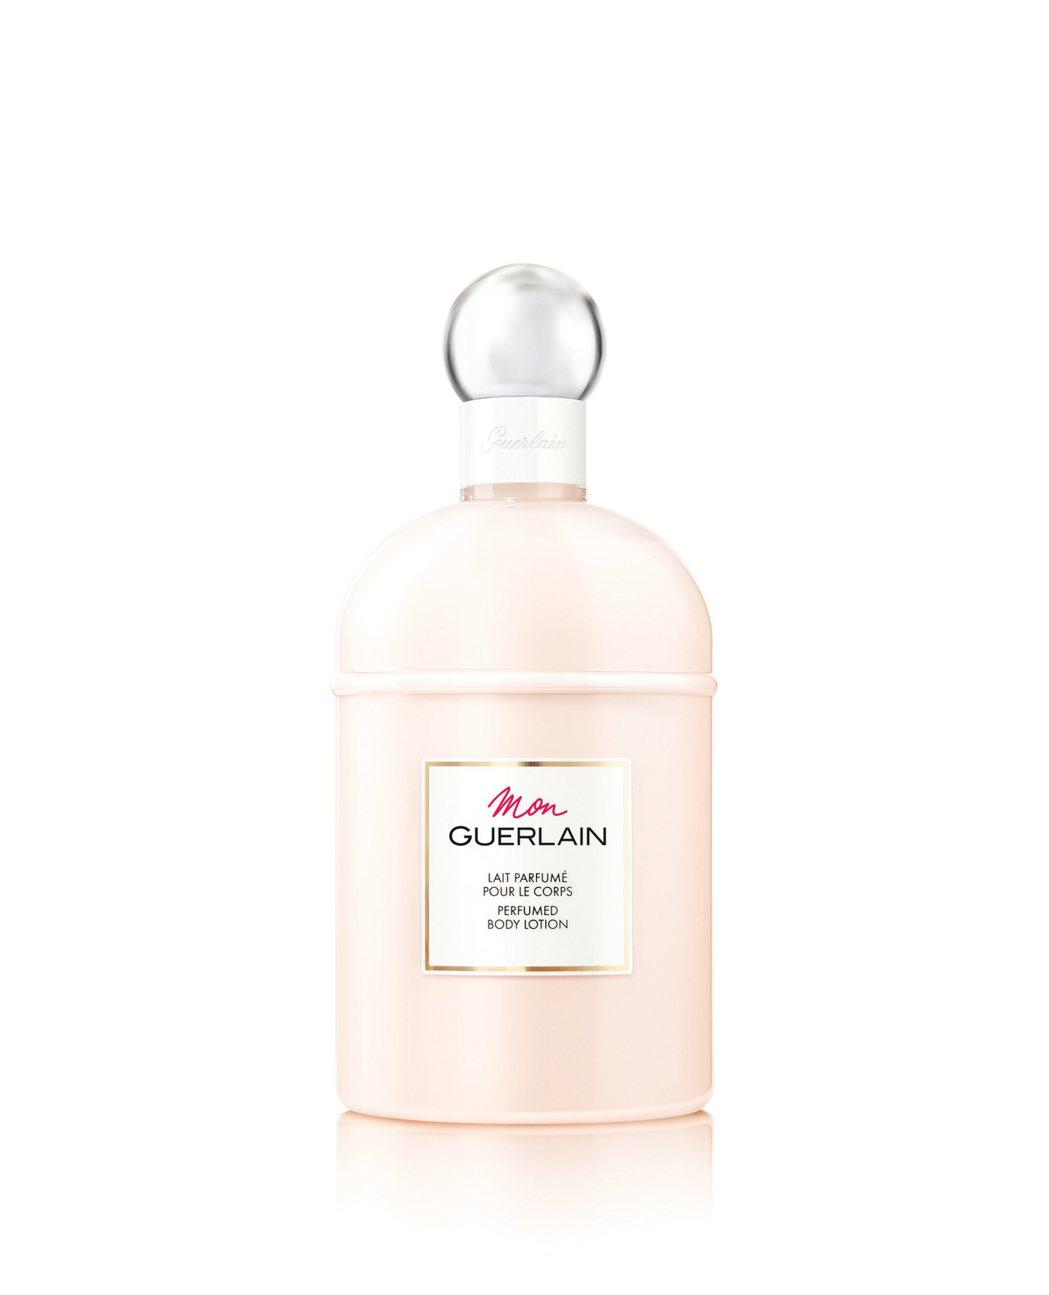 嬌蘭Mon Guerlain「我的印記」香氛身體乳,200ml售價2,400元。...